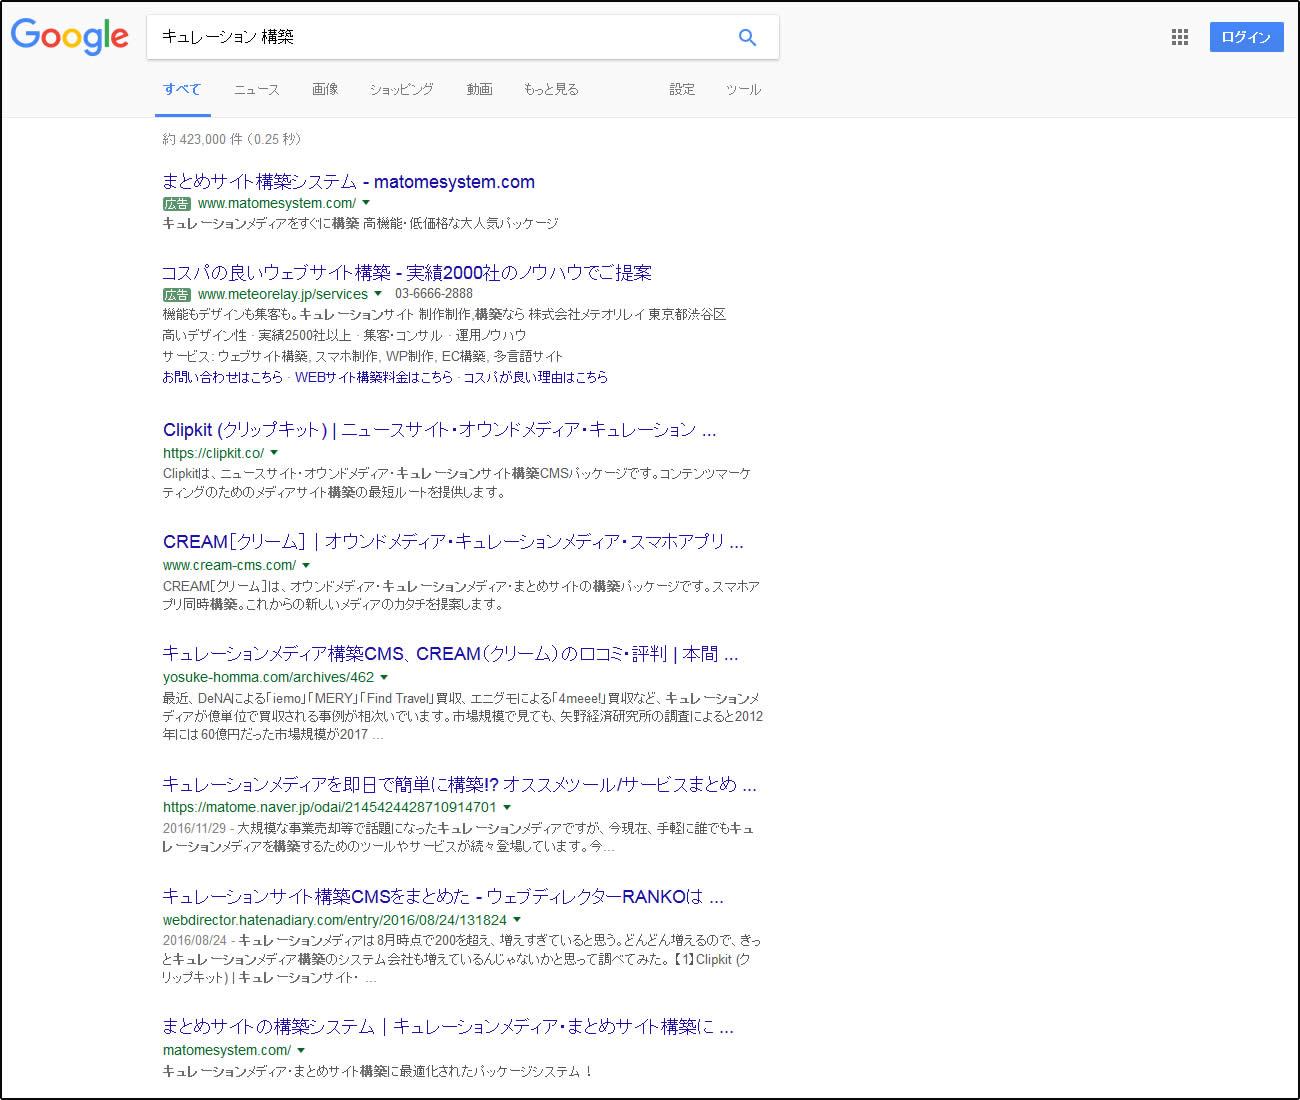 「キュレーション 構築」検索結果